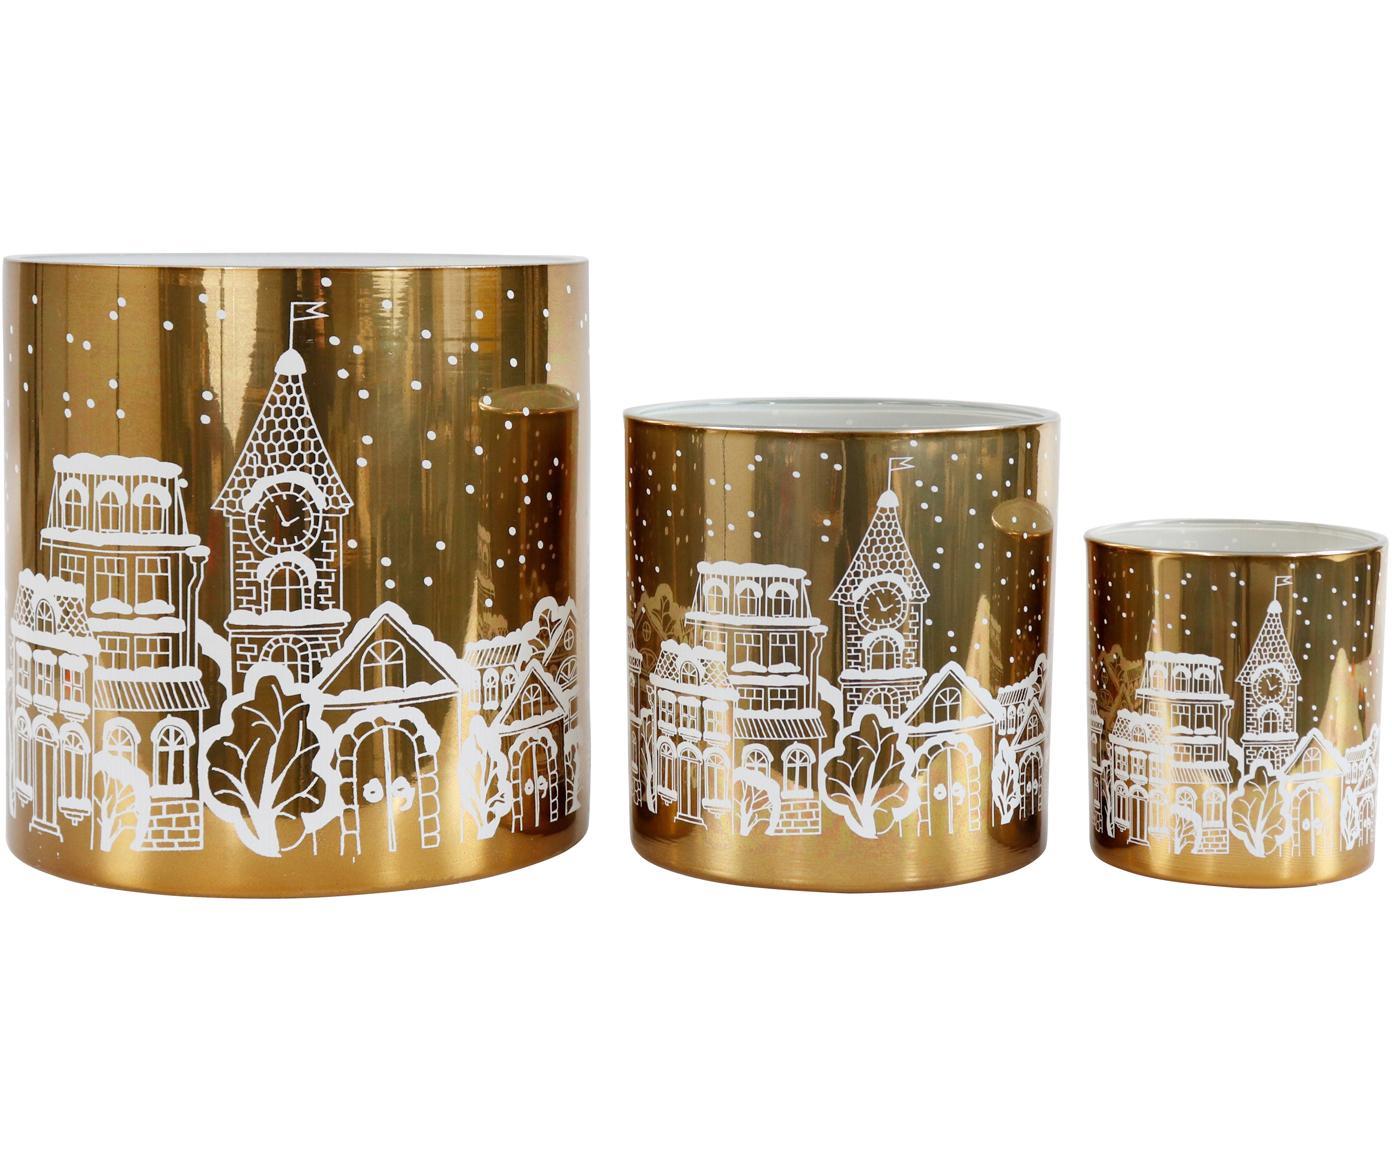 Komplet świeczników Winter Wonderland, 3 elem., Szkło, Odcienie złotego, biały, Różne rozmiary